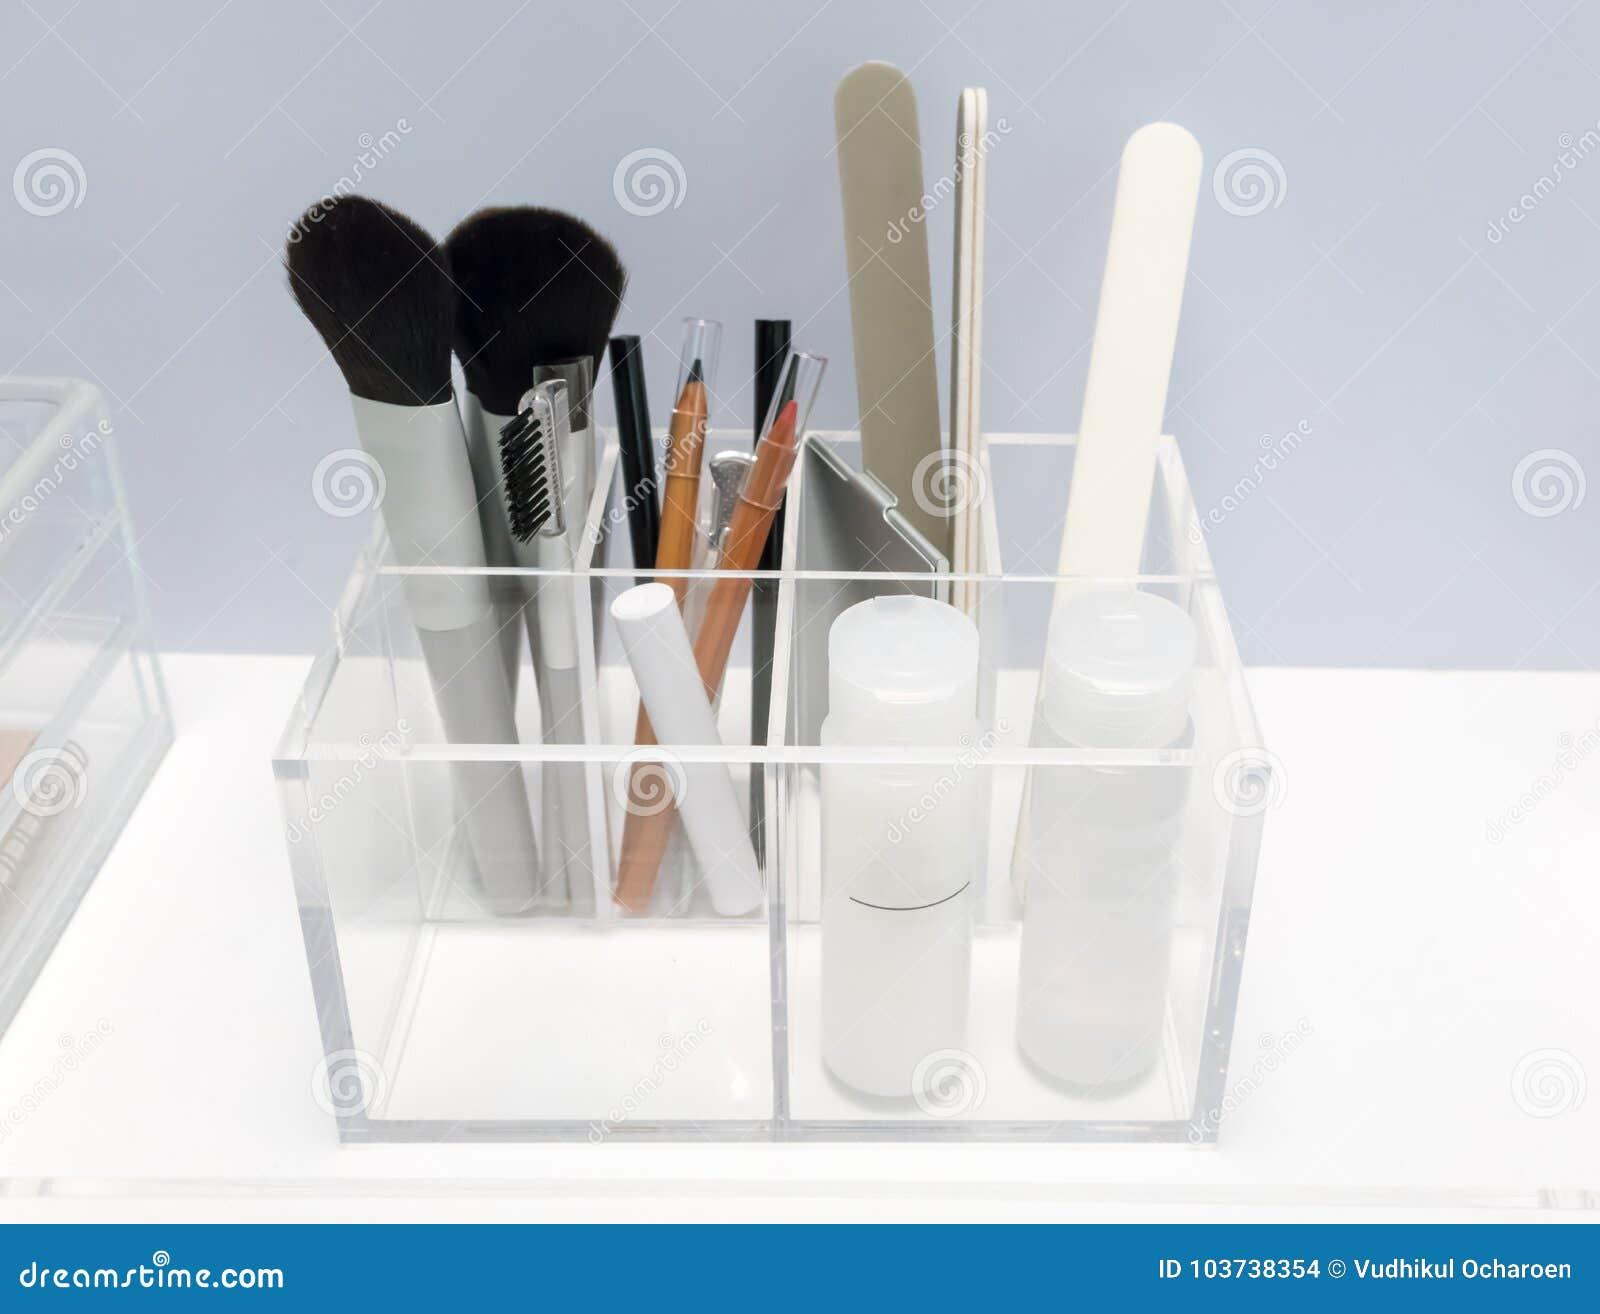 Klarer Acrylhalter in der quadratischen Form beantragte Schönheit organisieren